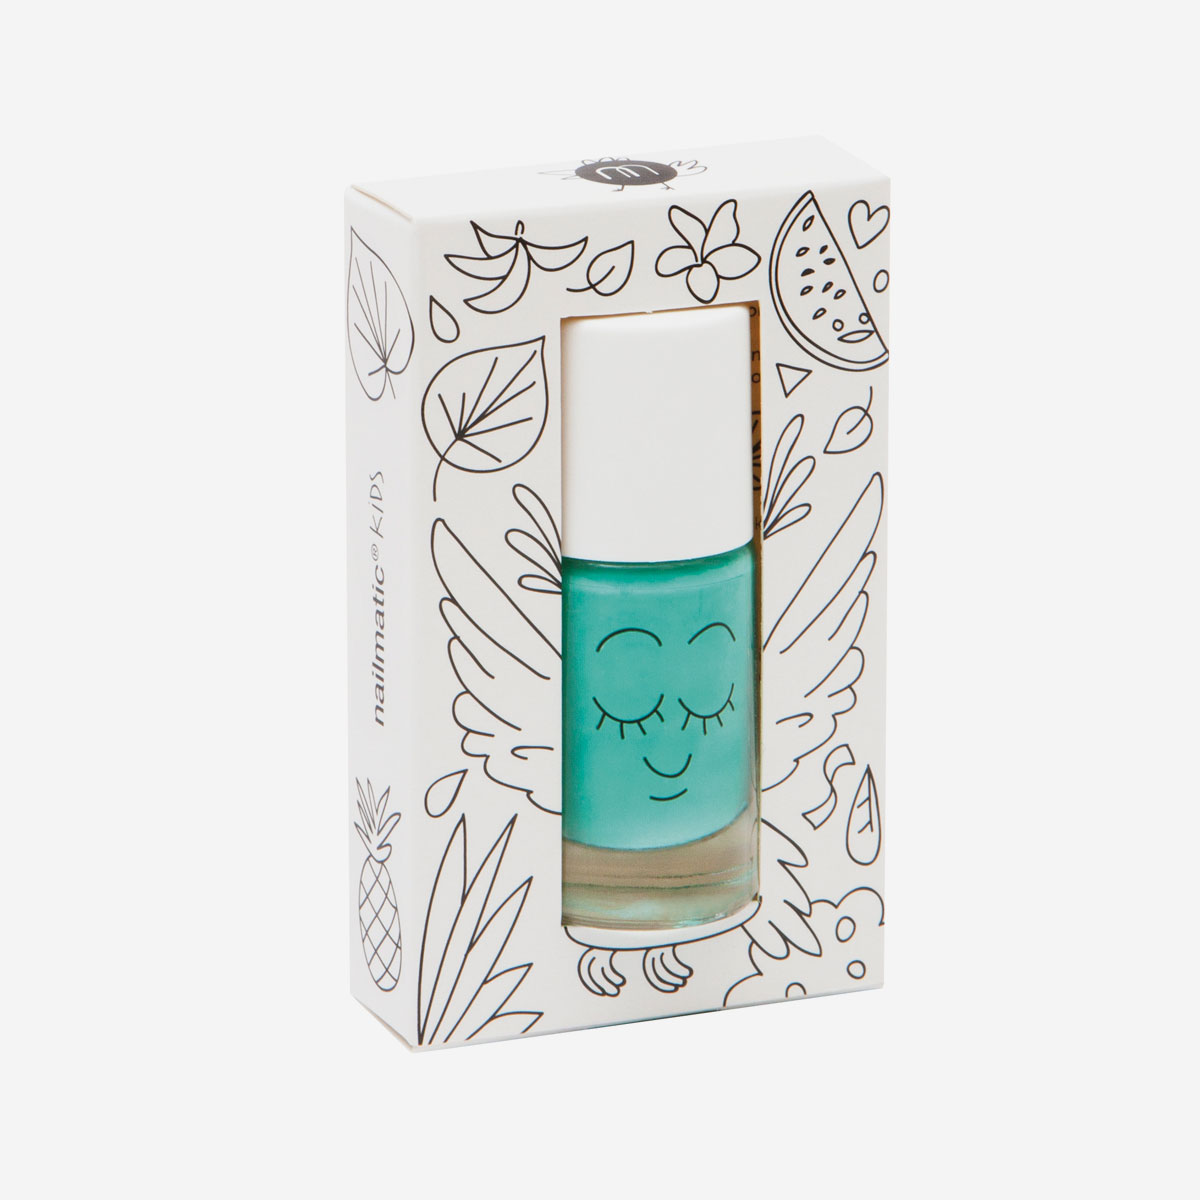 rikiki. grafik & produkt · | Rio - Mint Green Waterbased Nagellack